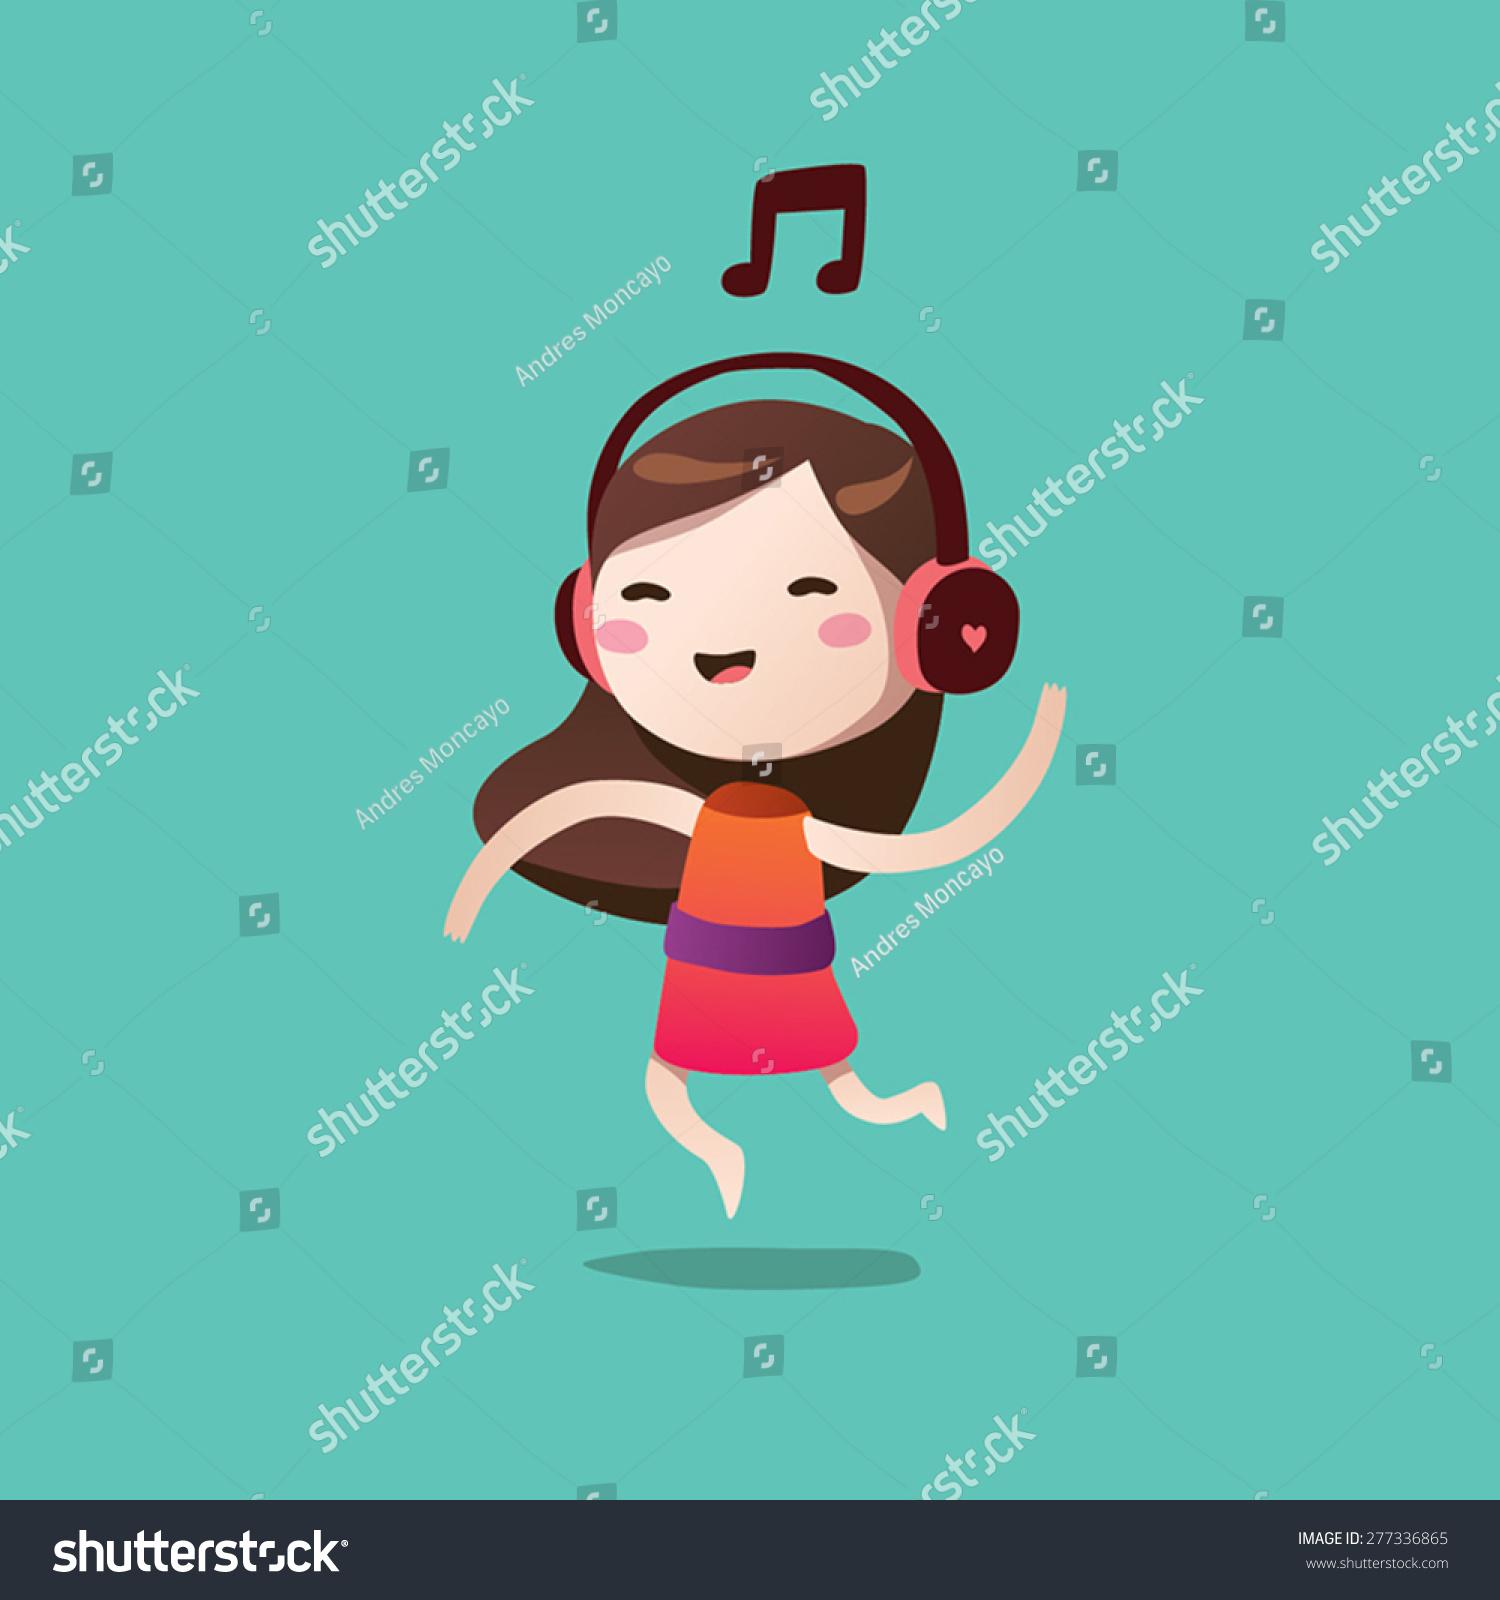 女孩可爱矢量卡通音乐-人物-海洛创意(hellorf)-中国